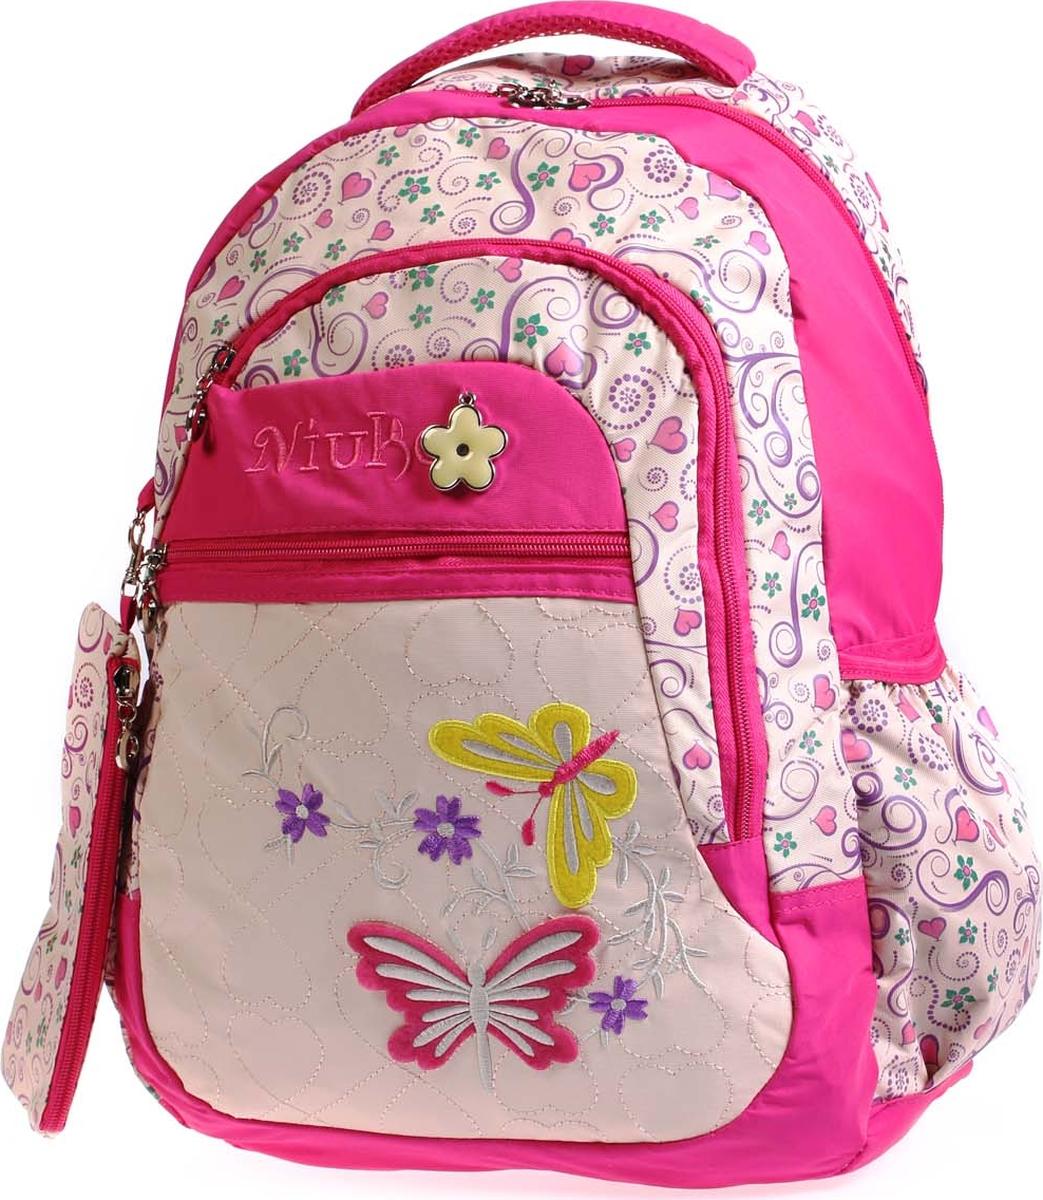 Фото - Vittorio Richi Рюкзак детский с наполнением цвет бежевый розовый K05RN188_2 vittorio richi рюкзак детский с наполнением цвет черный бежевый k05rn171